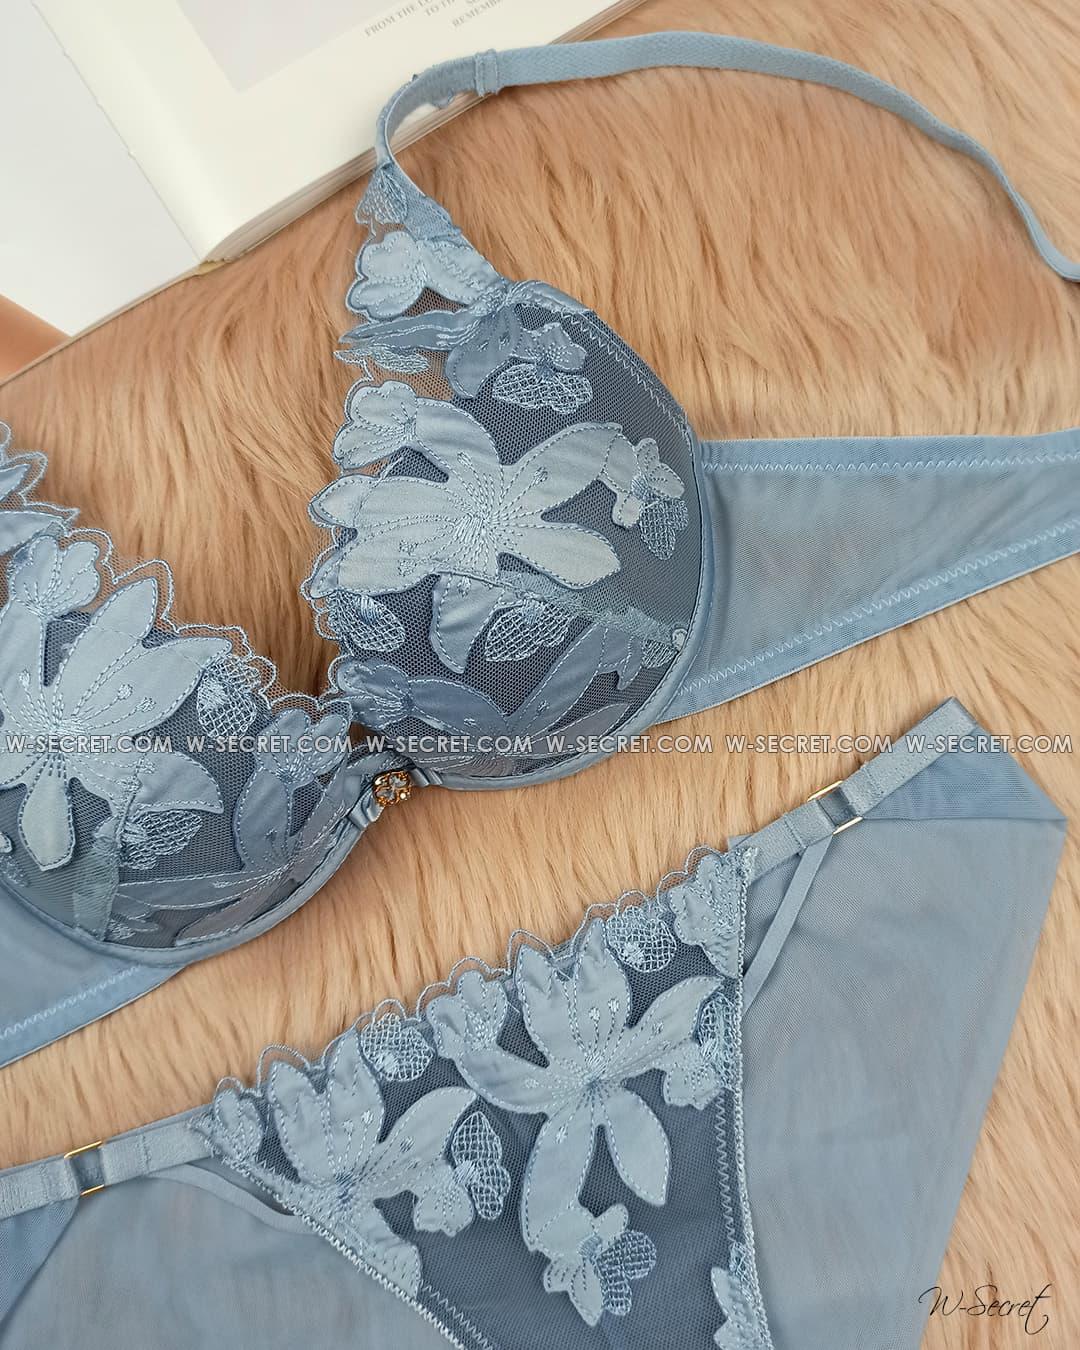 Weiyesi 2125 B Блакитний комплект нижньої білизни